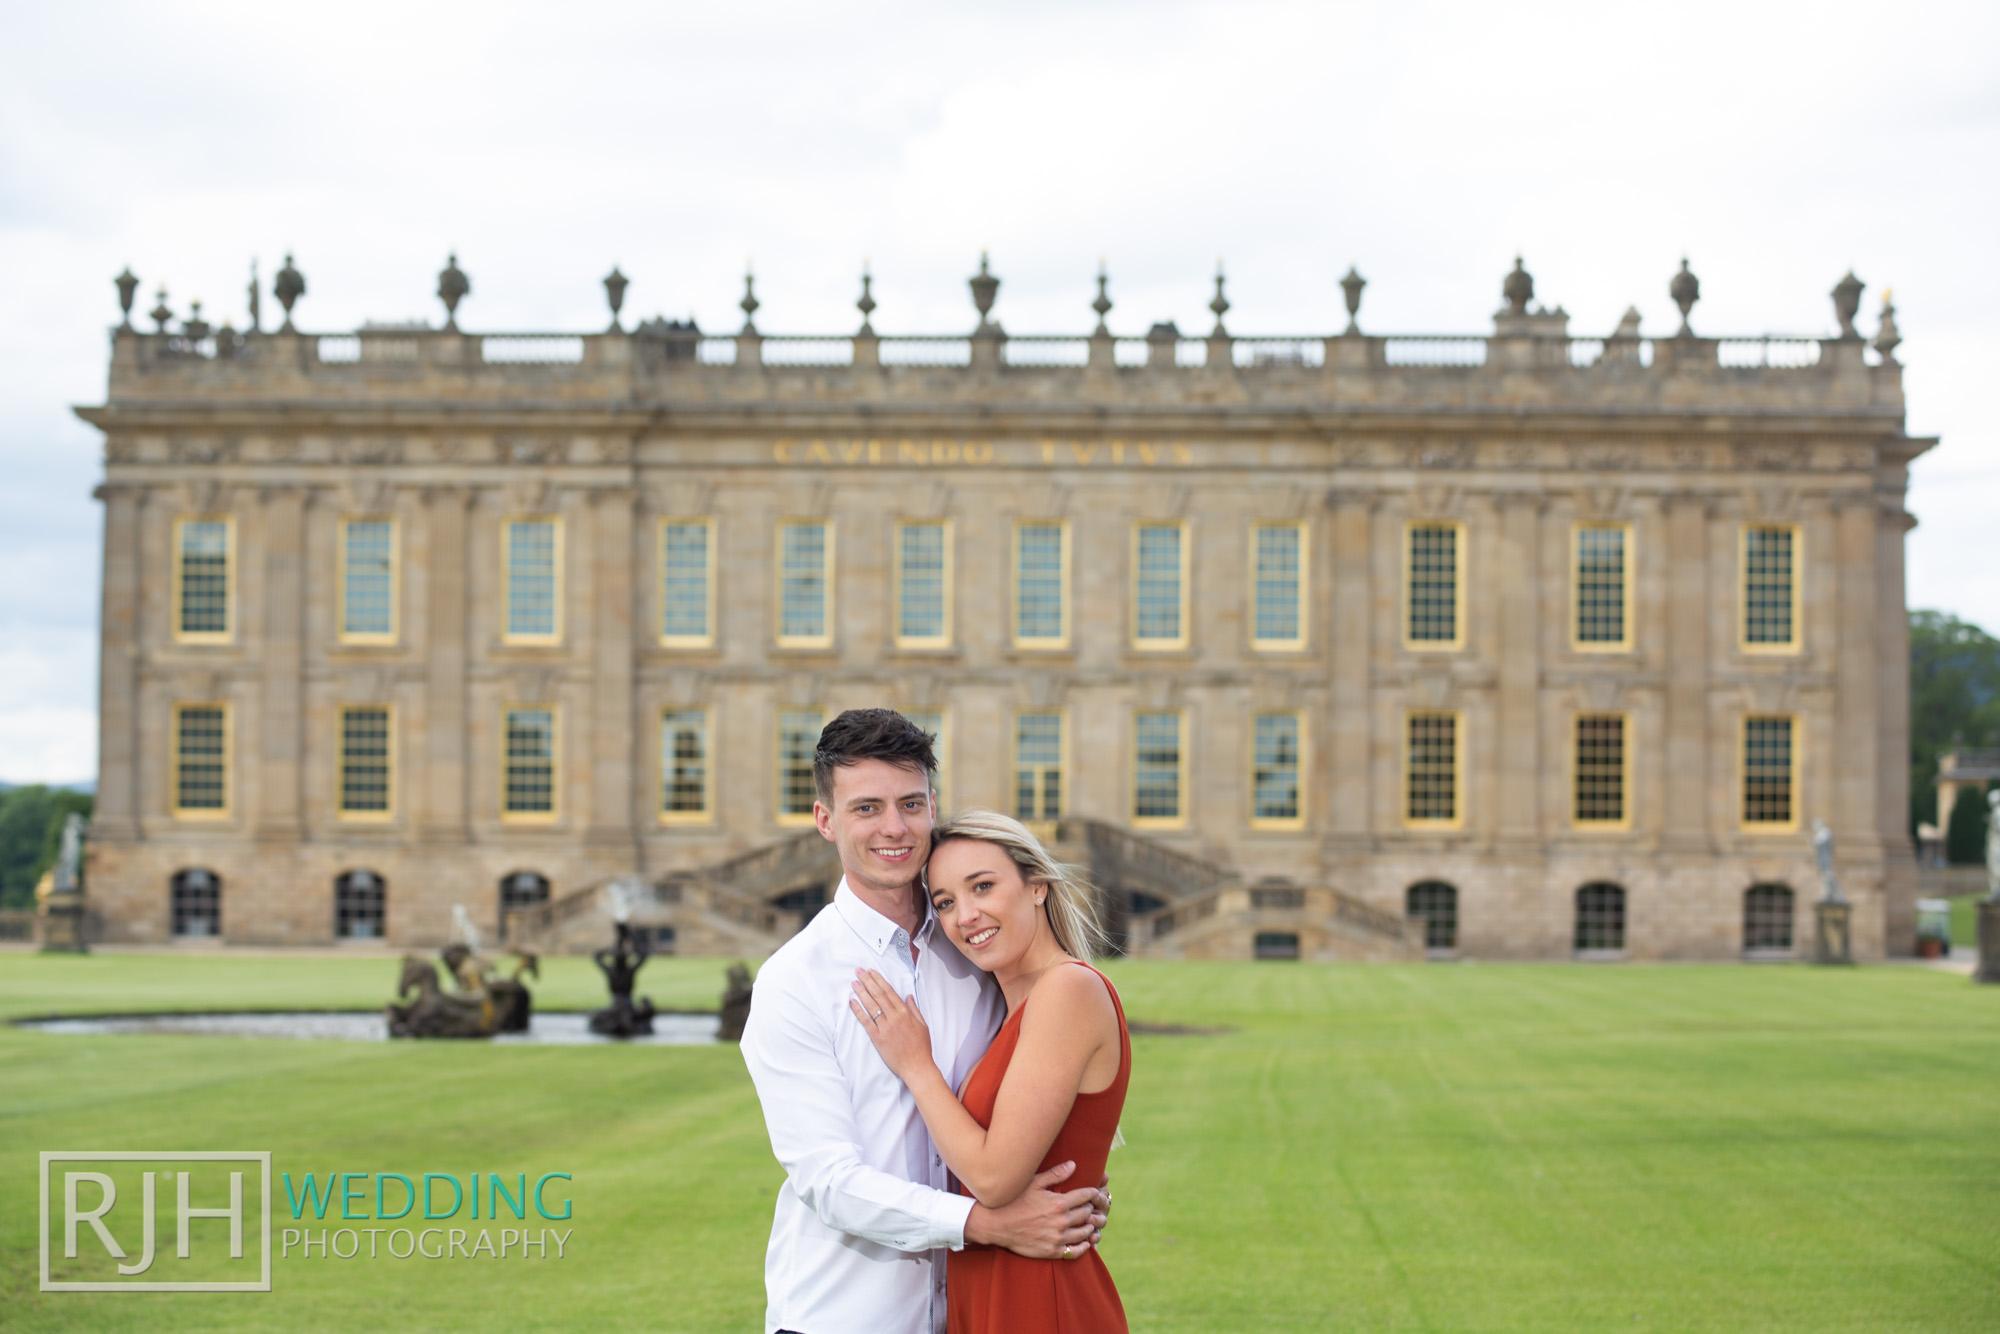 Chatsworth House Wedding Photographer_Glen & Lauren_032_RJH10347.jpg